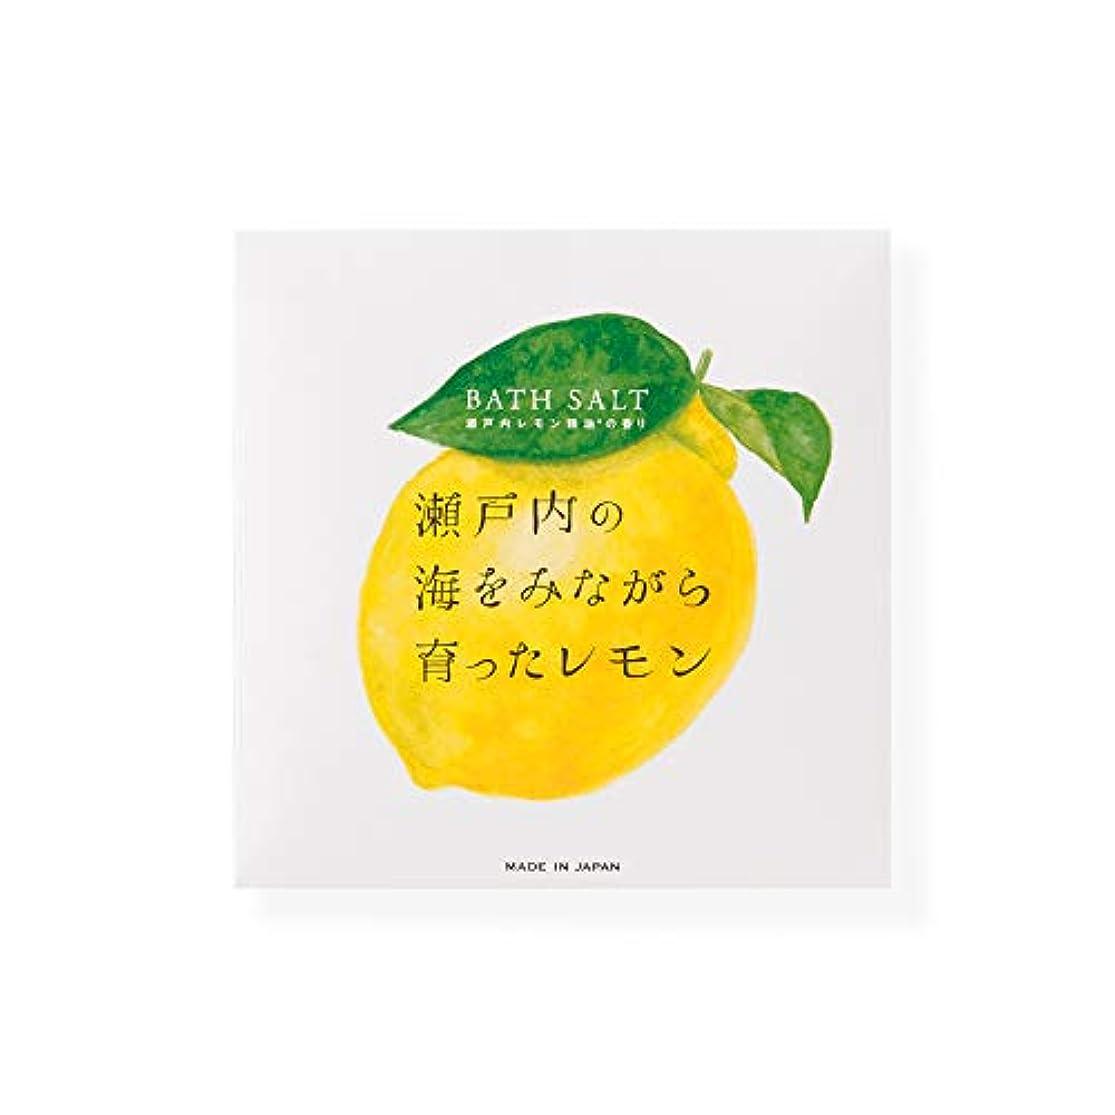 トランクライブラリ方法見る瀬戸内レモン アロマバスソルト